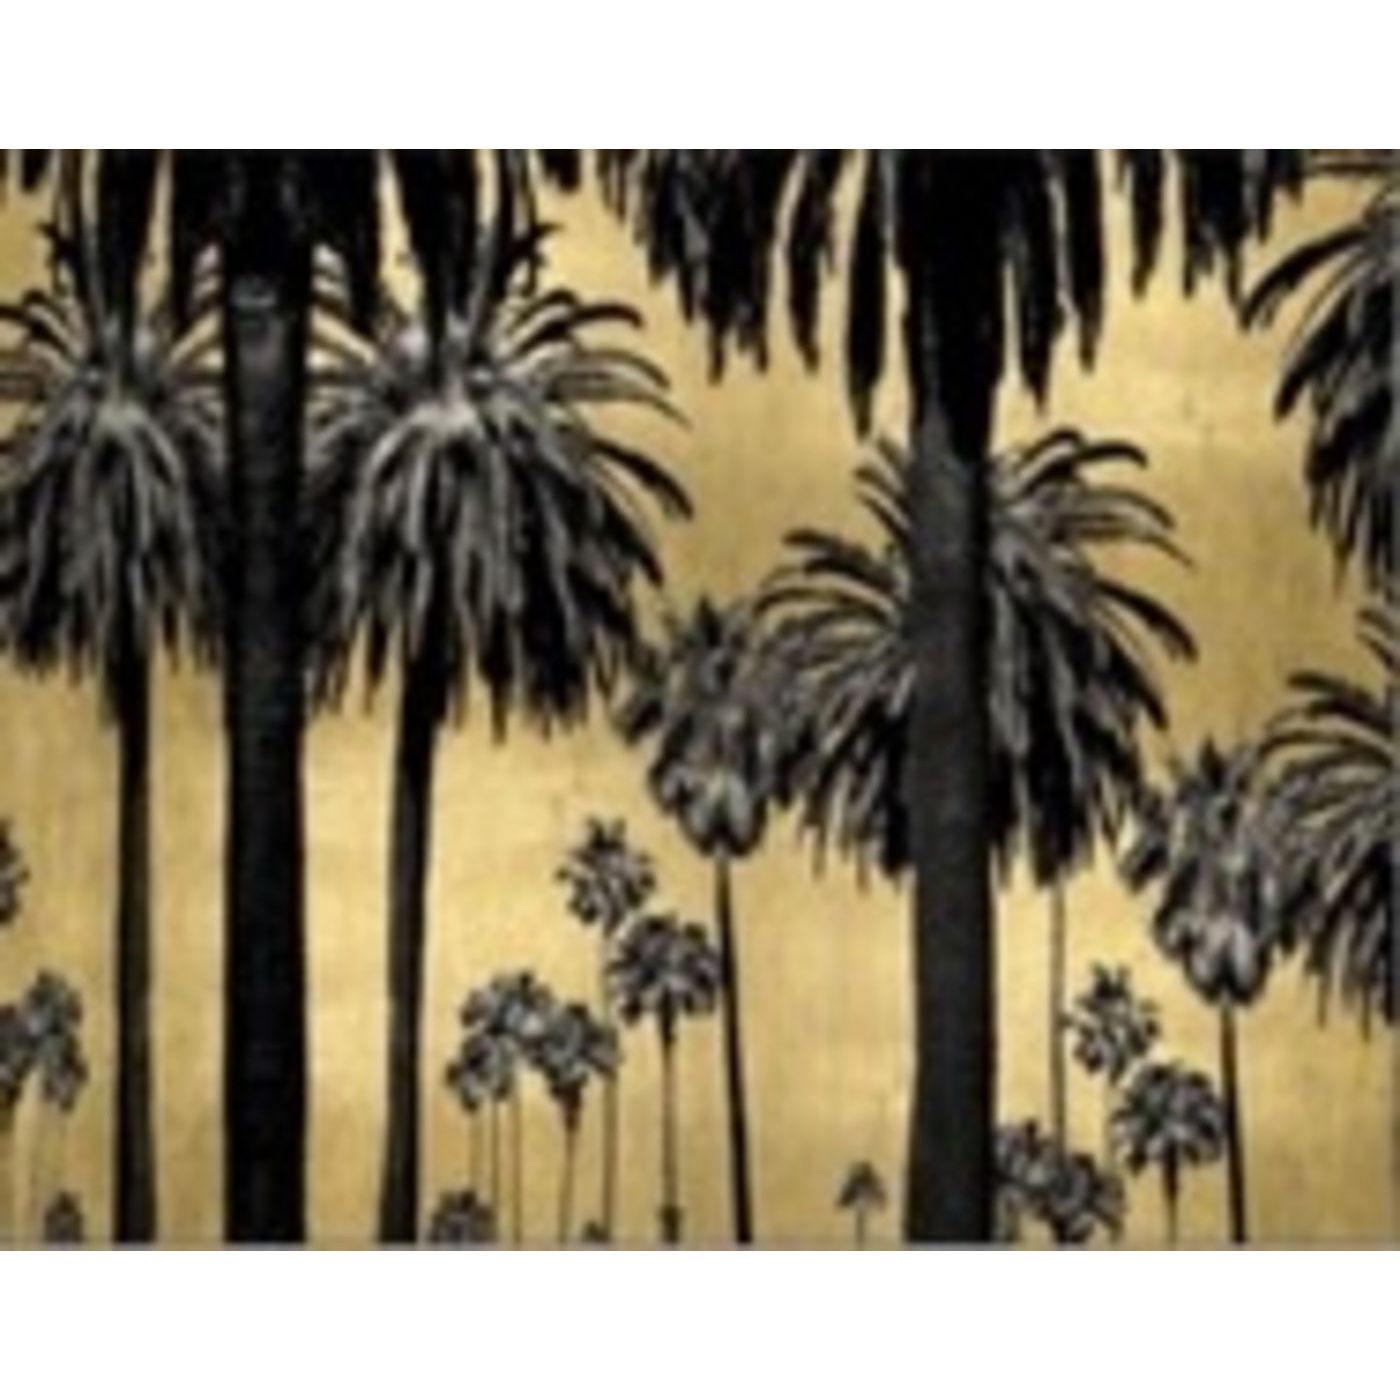 kare design Kare design glass metallic palms billede - multifarvet plastik/glas (120x80) fra boboonline.dk